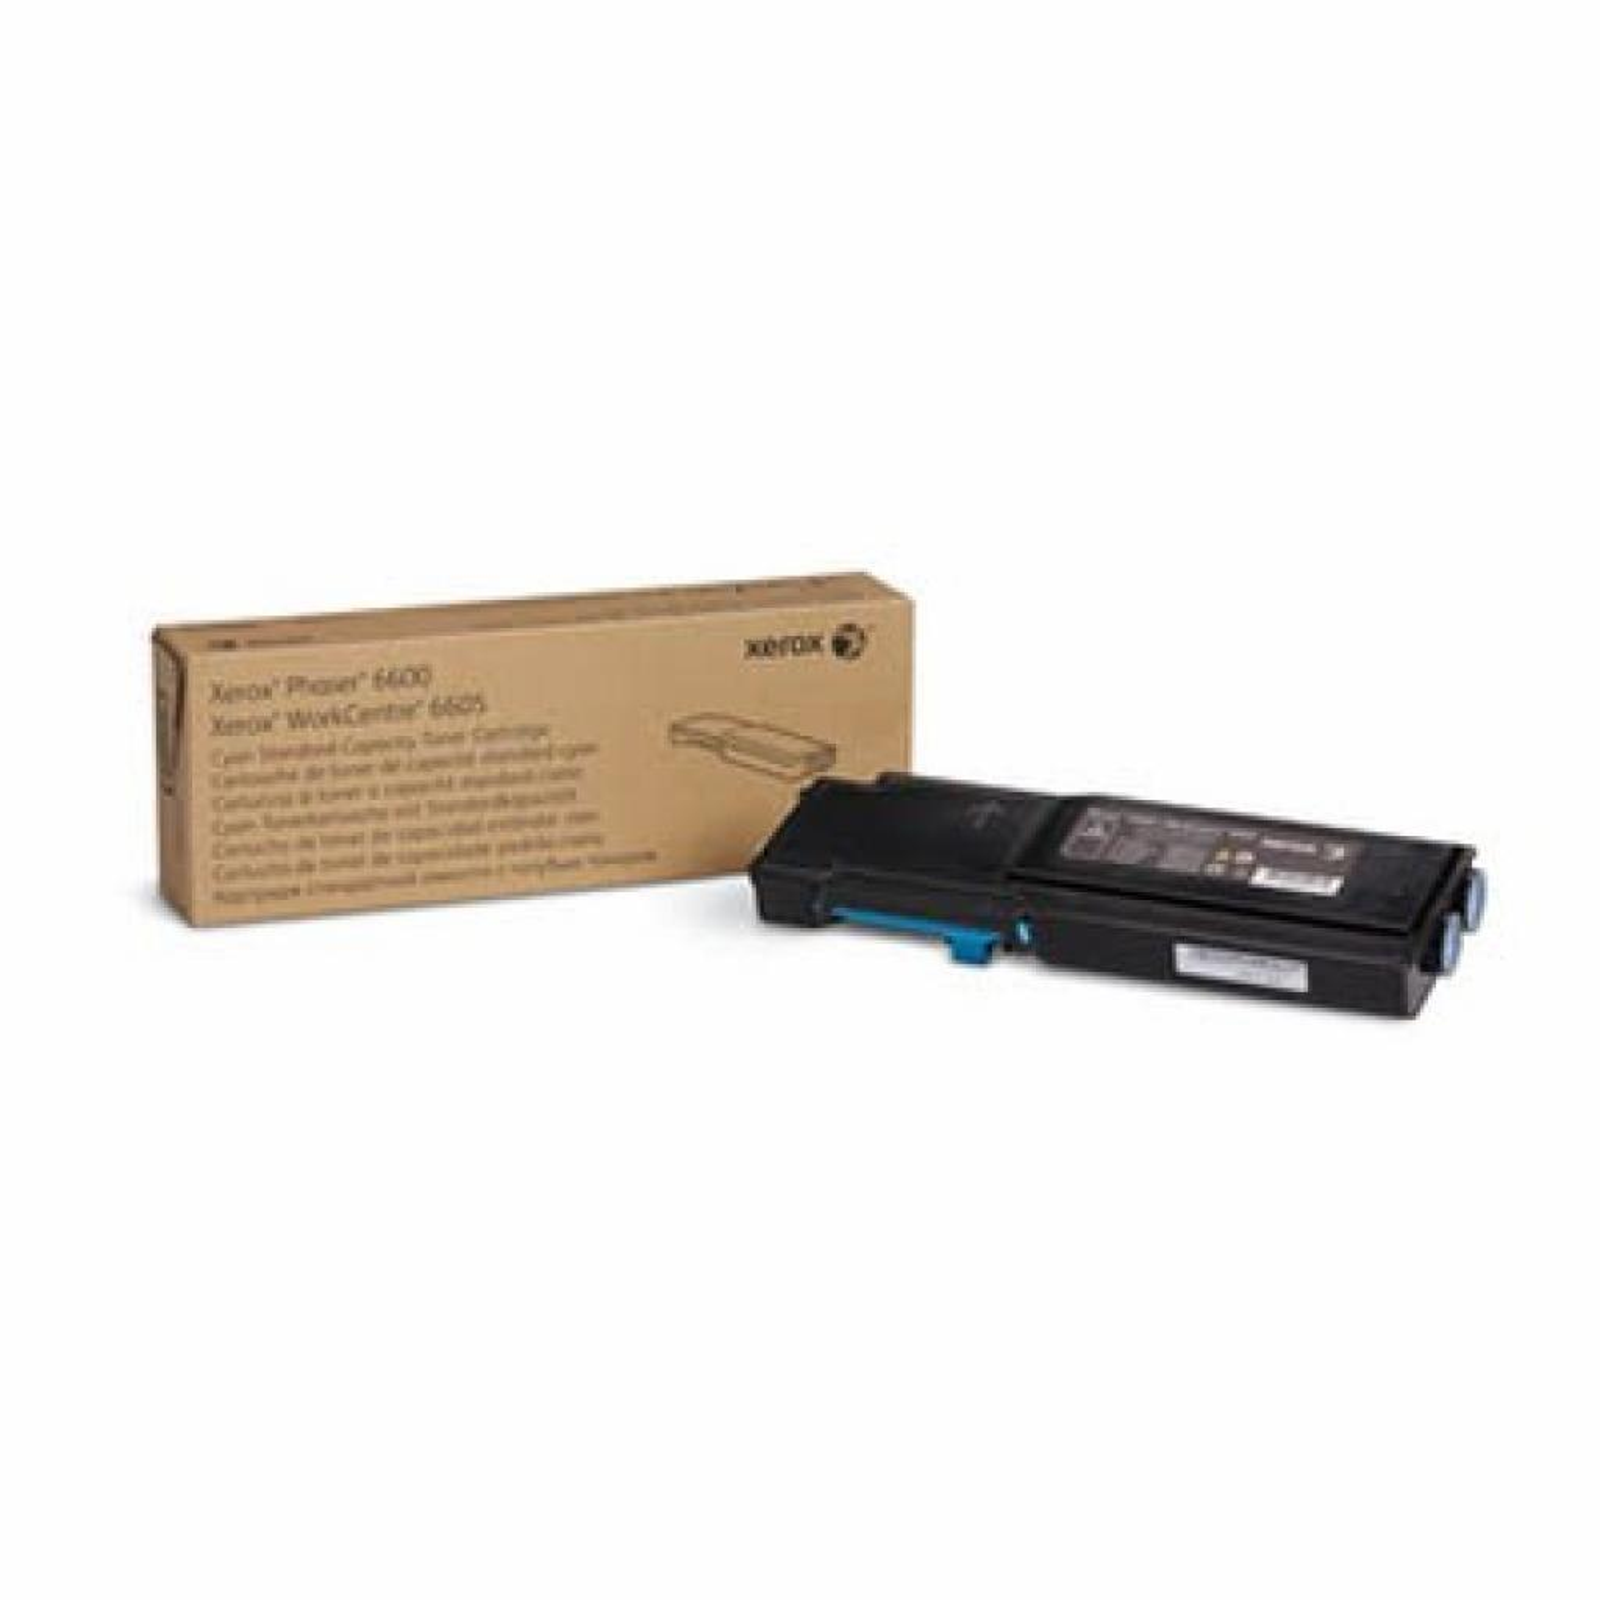 Тонер-картридж XEROX PH6600/ WC6605 Cyan (Max) (106R02233)